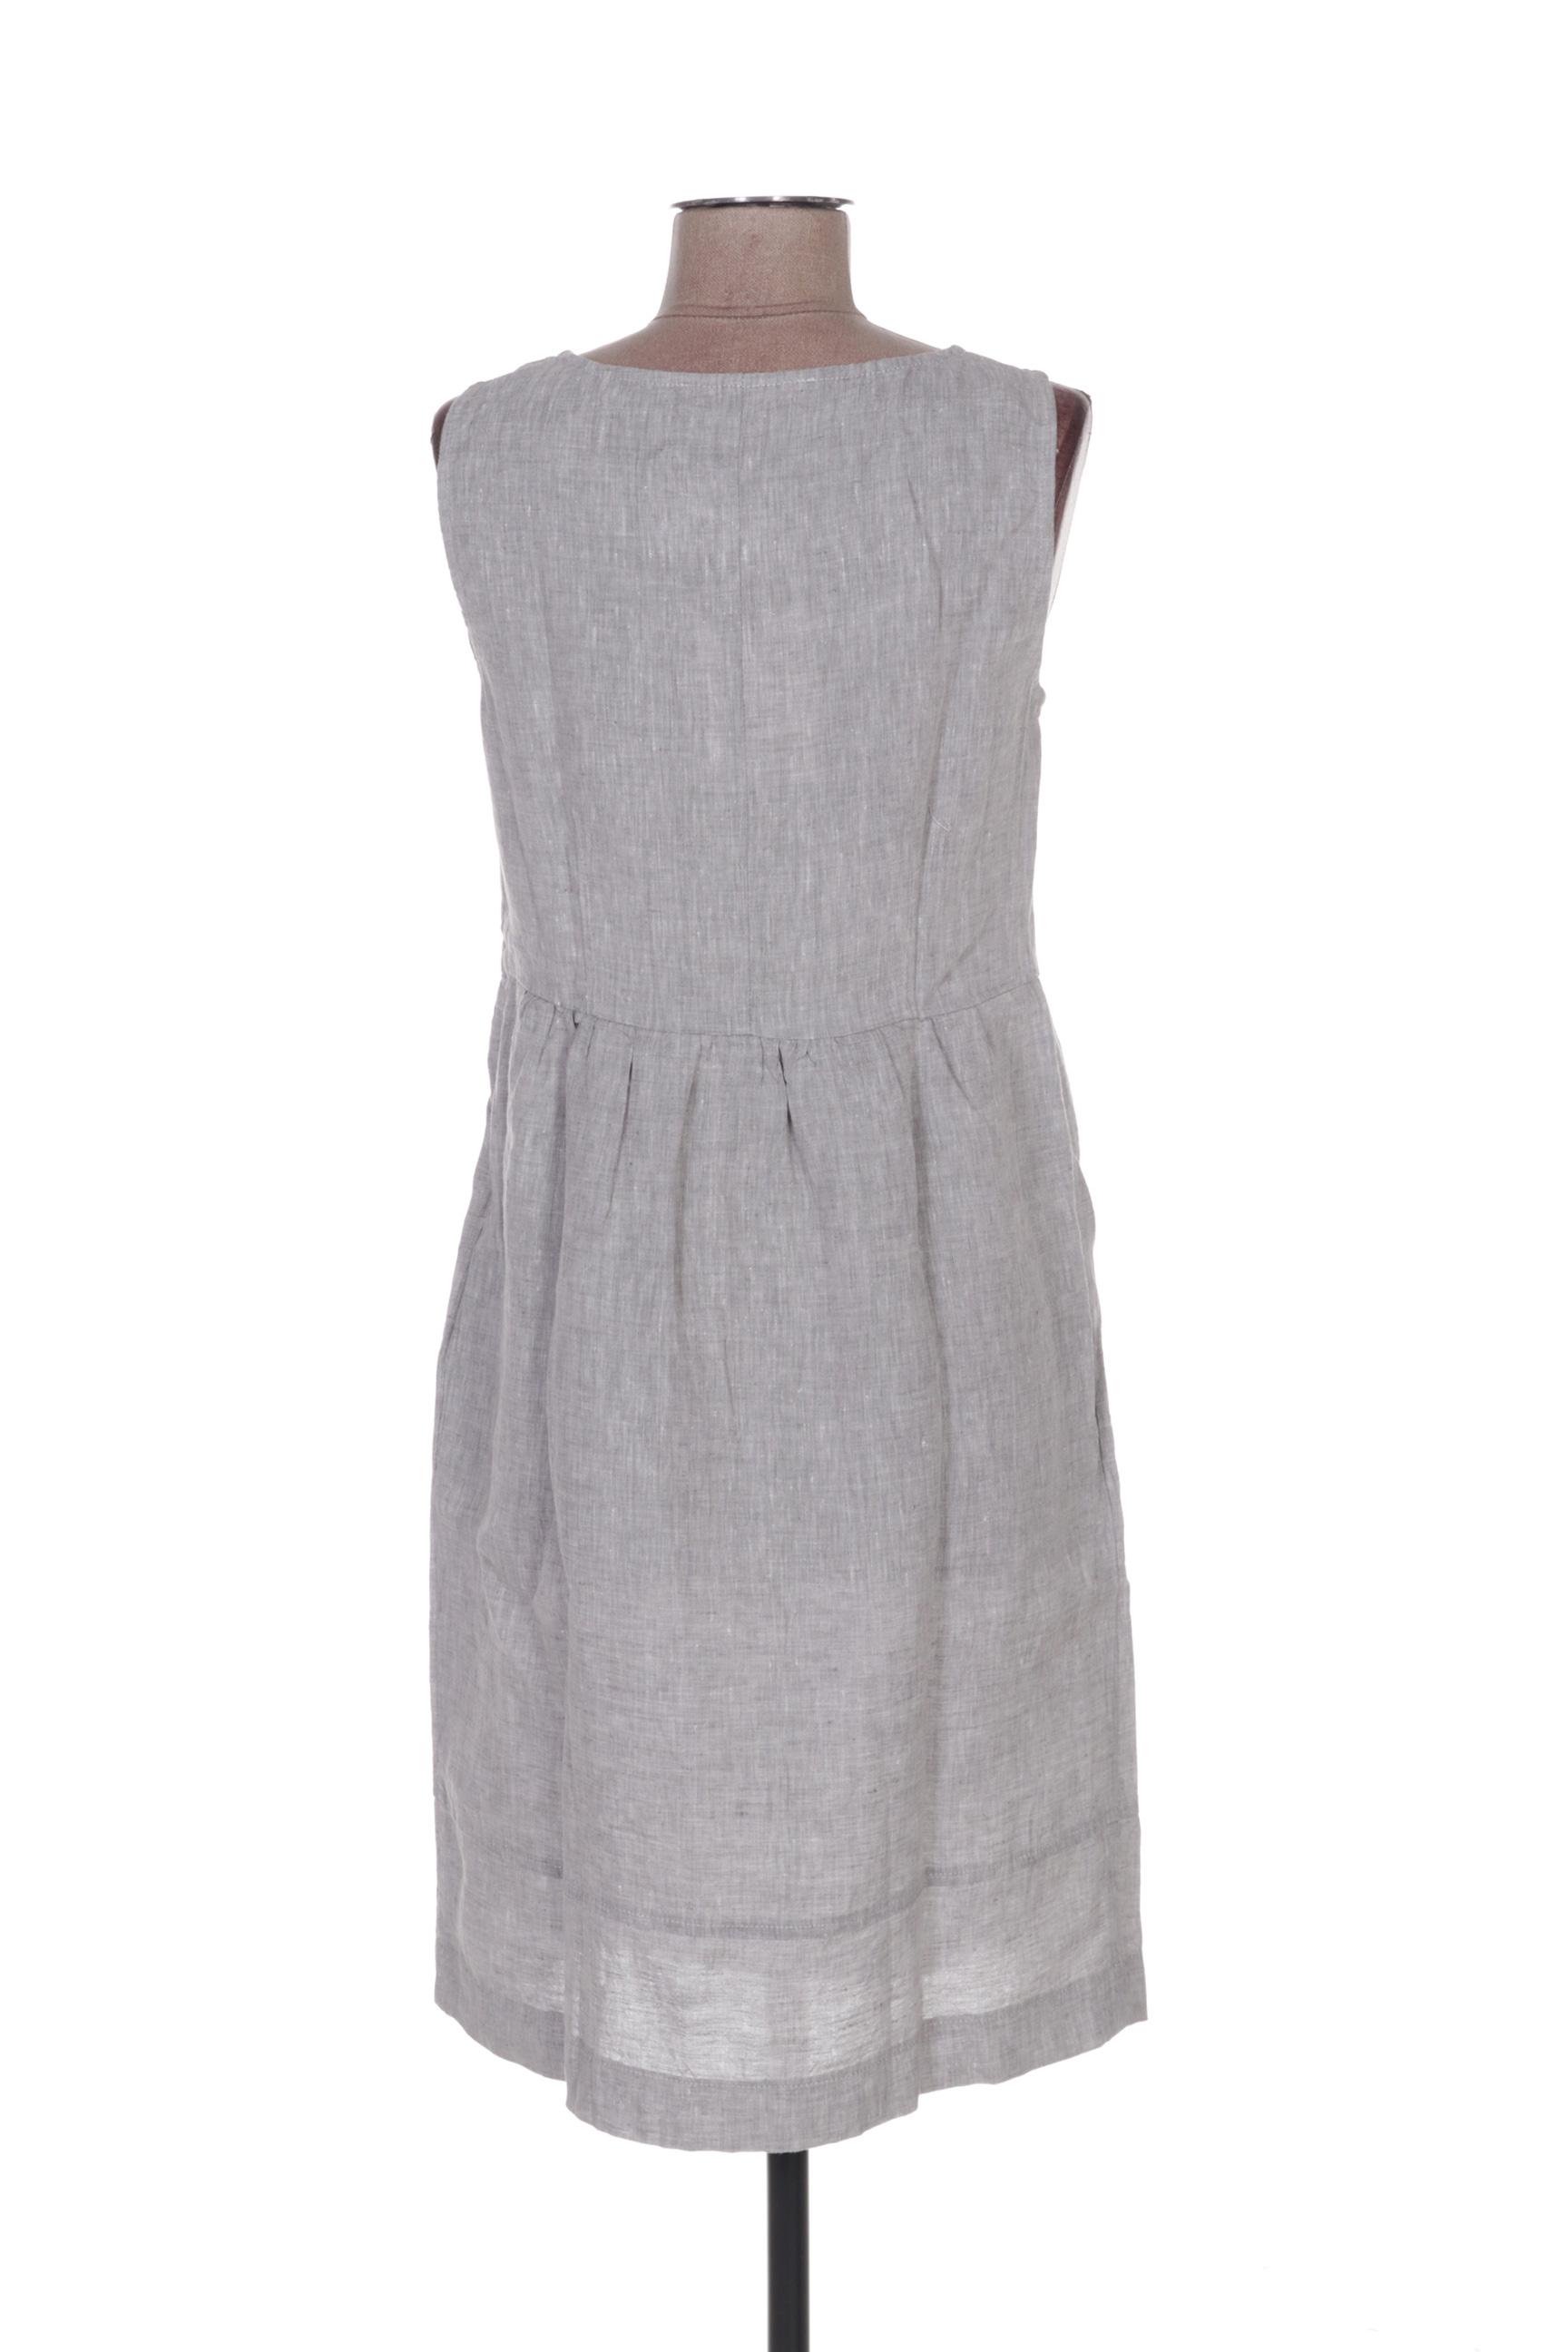 La Fee Maraboutee Robes Mi Longues Femme De Couleur Gris En Soldes Pas Cher 1396687-gris00